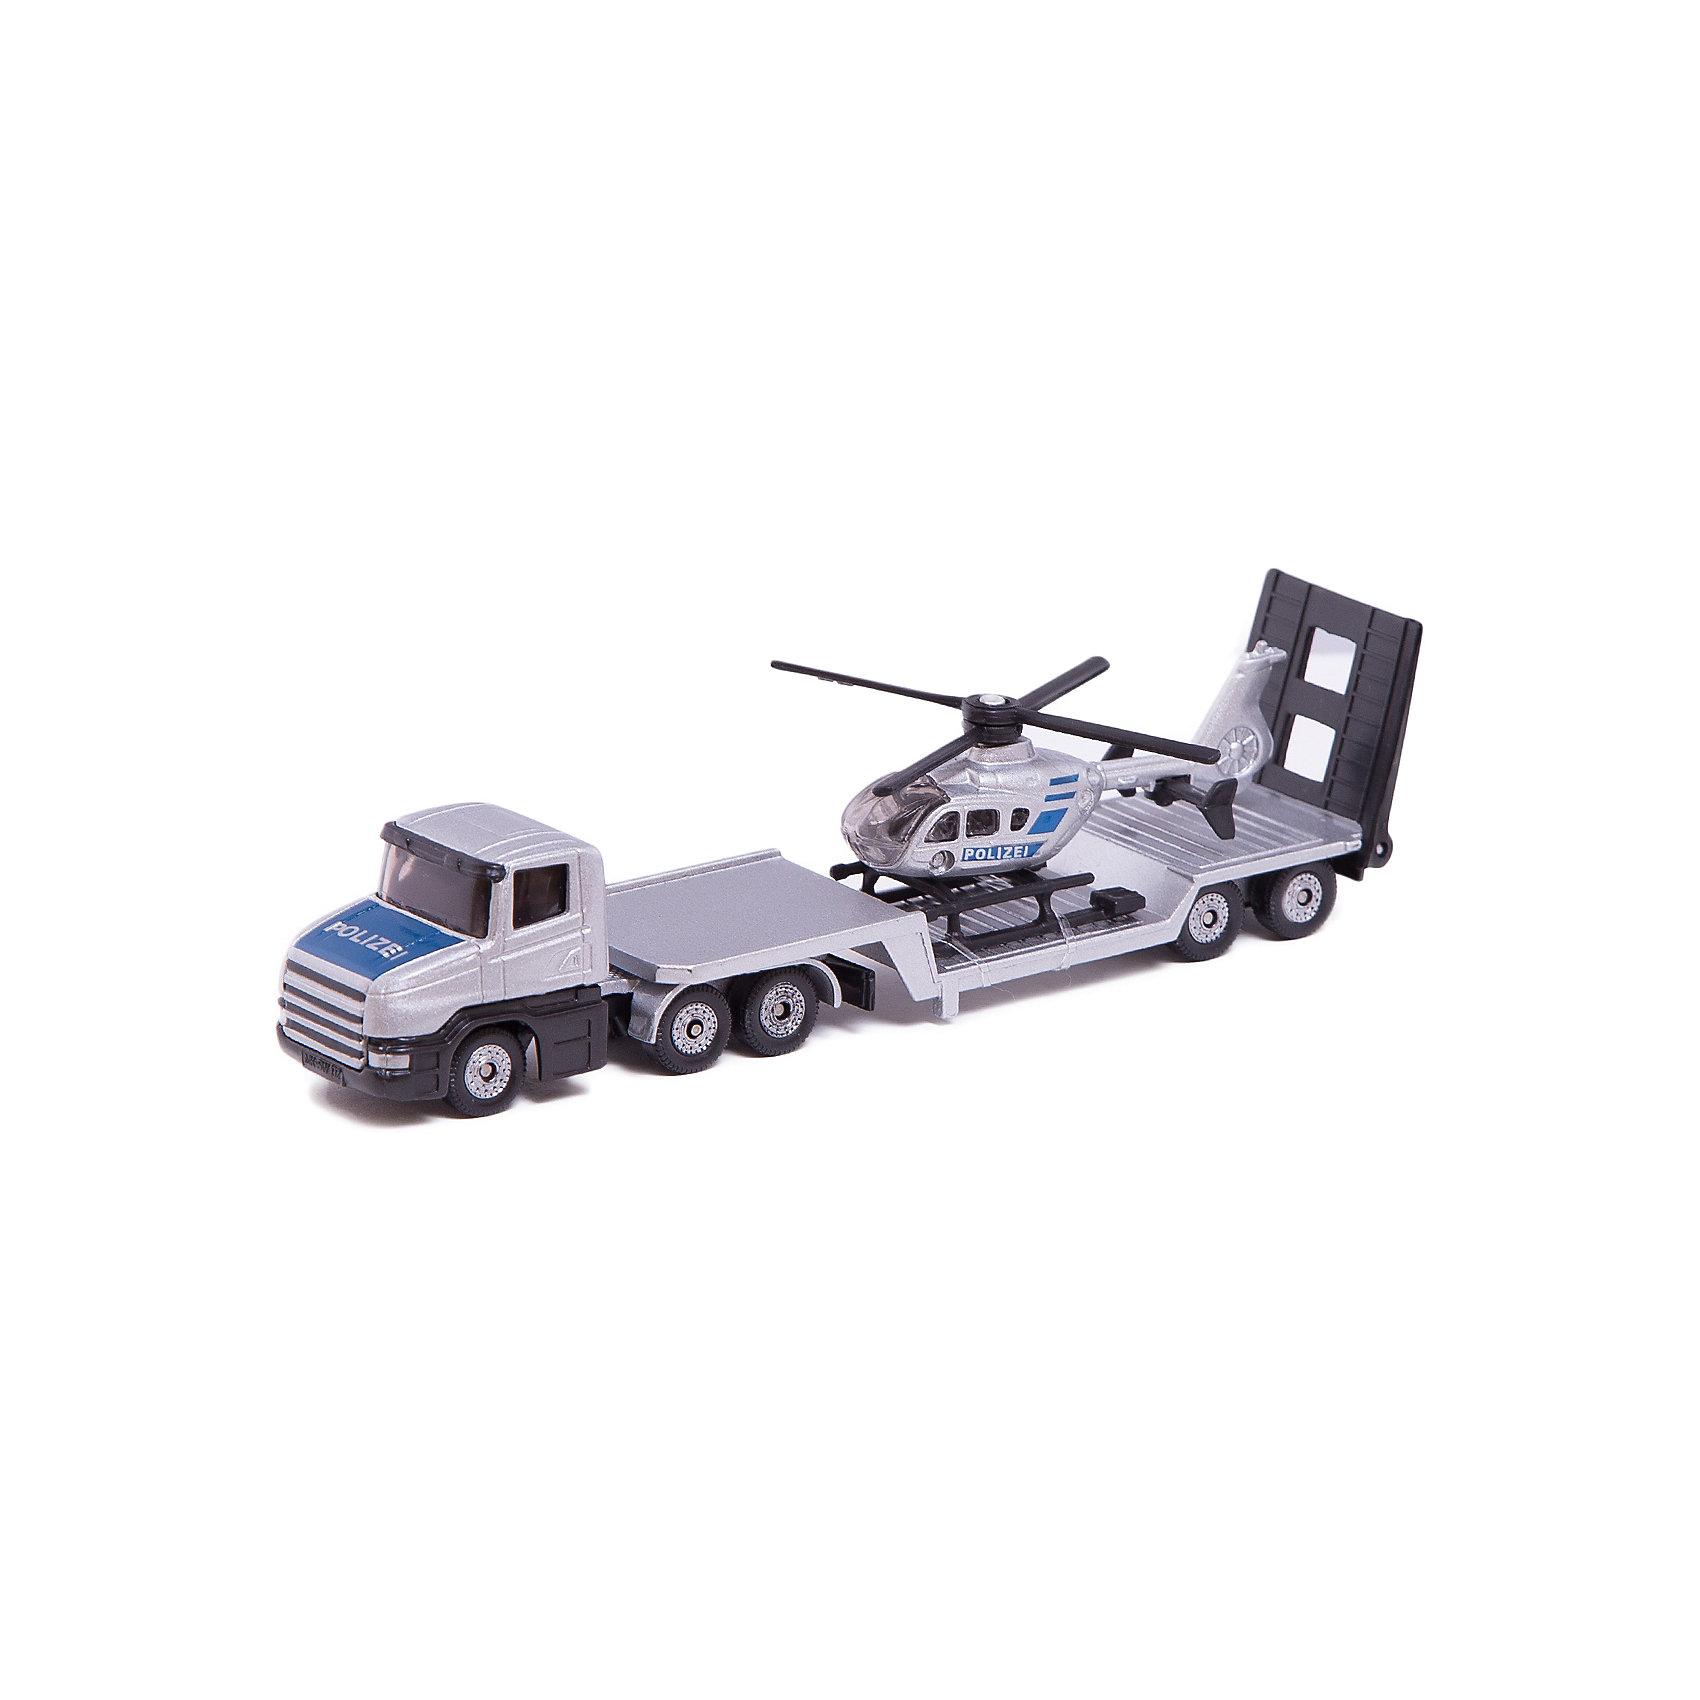 SIKU SIKU 1610 Низкорамный грузовик с вертолетом siku siku 1007 bmw 645i cabrio